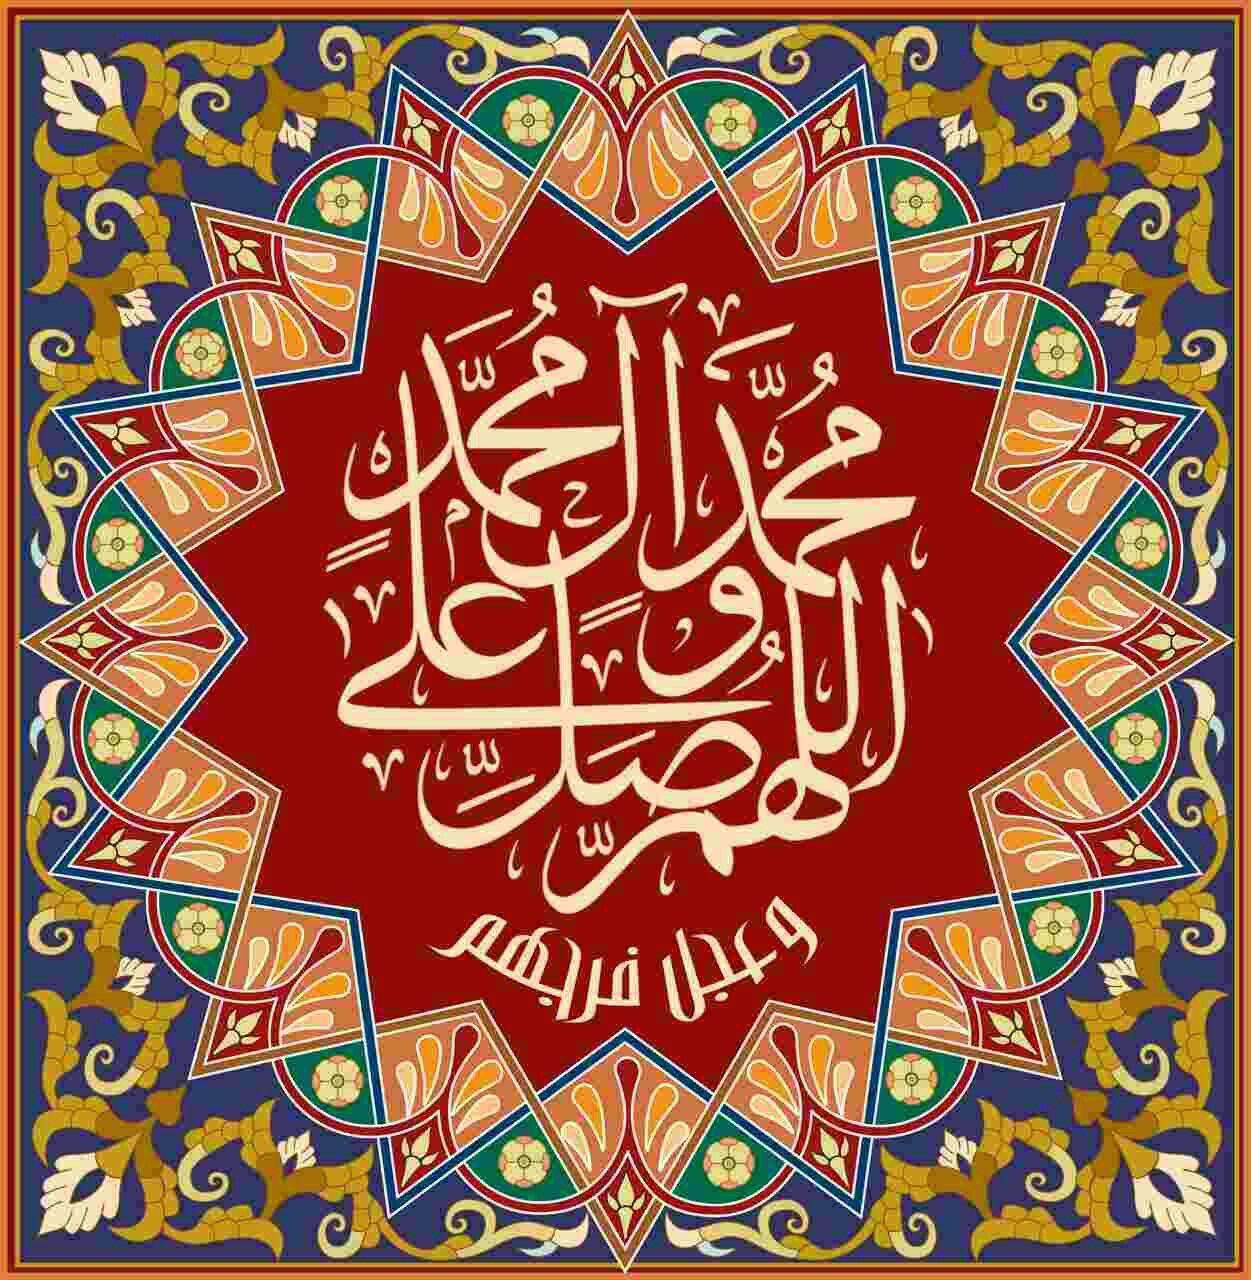 اللهم صل على محمد وال محمد وعجل فرجهم Good Morning Animation Acrylic Painting Lessons Islamic Art Calligraphy